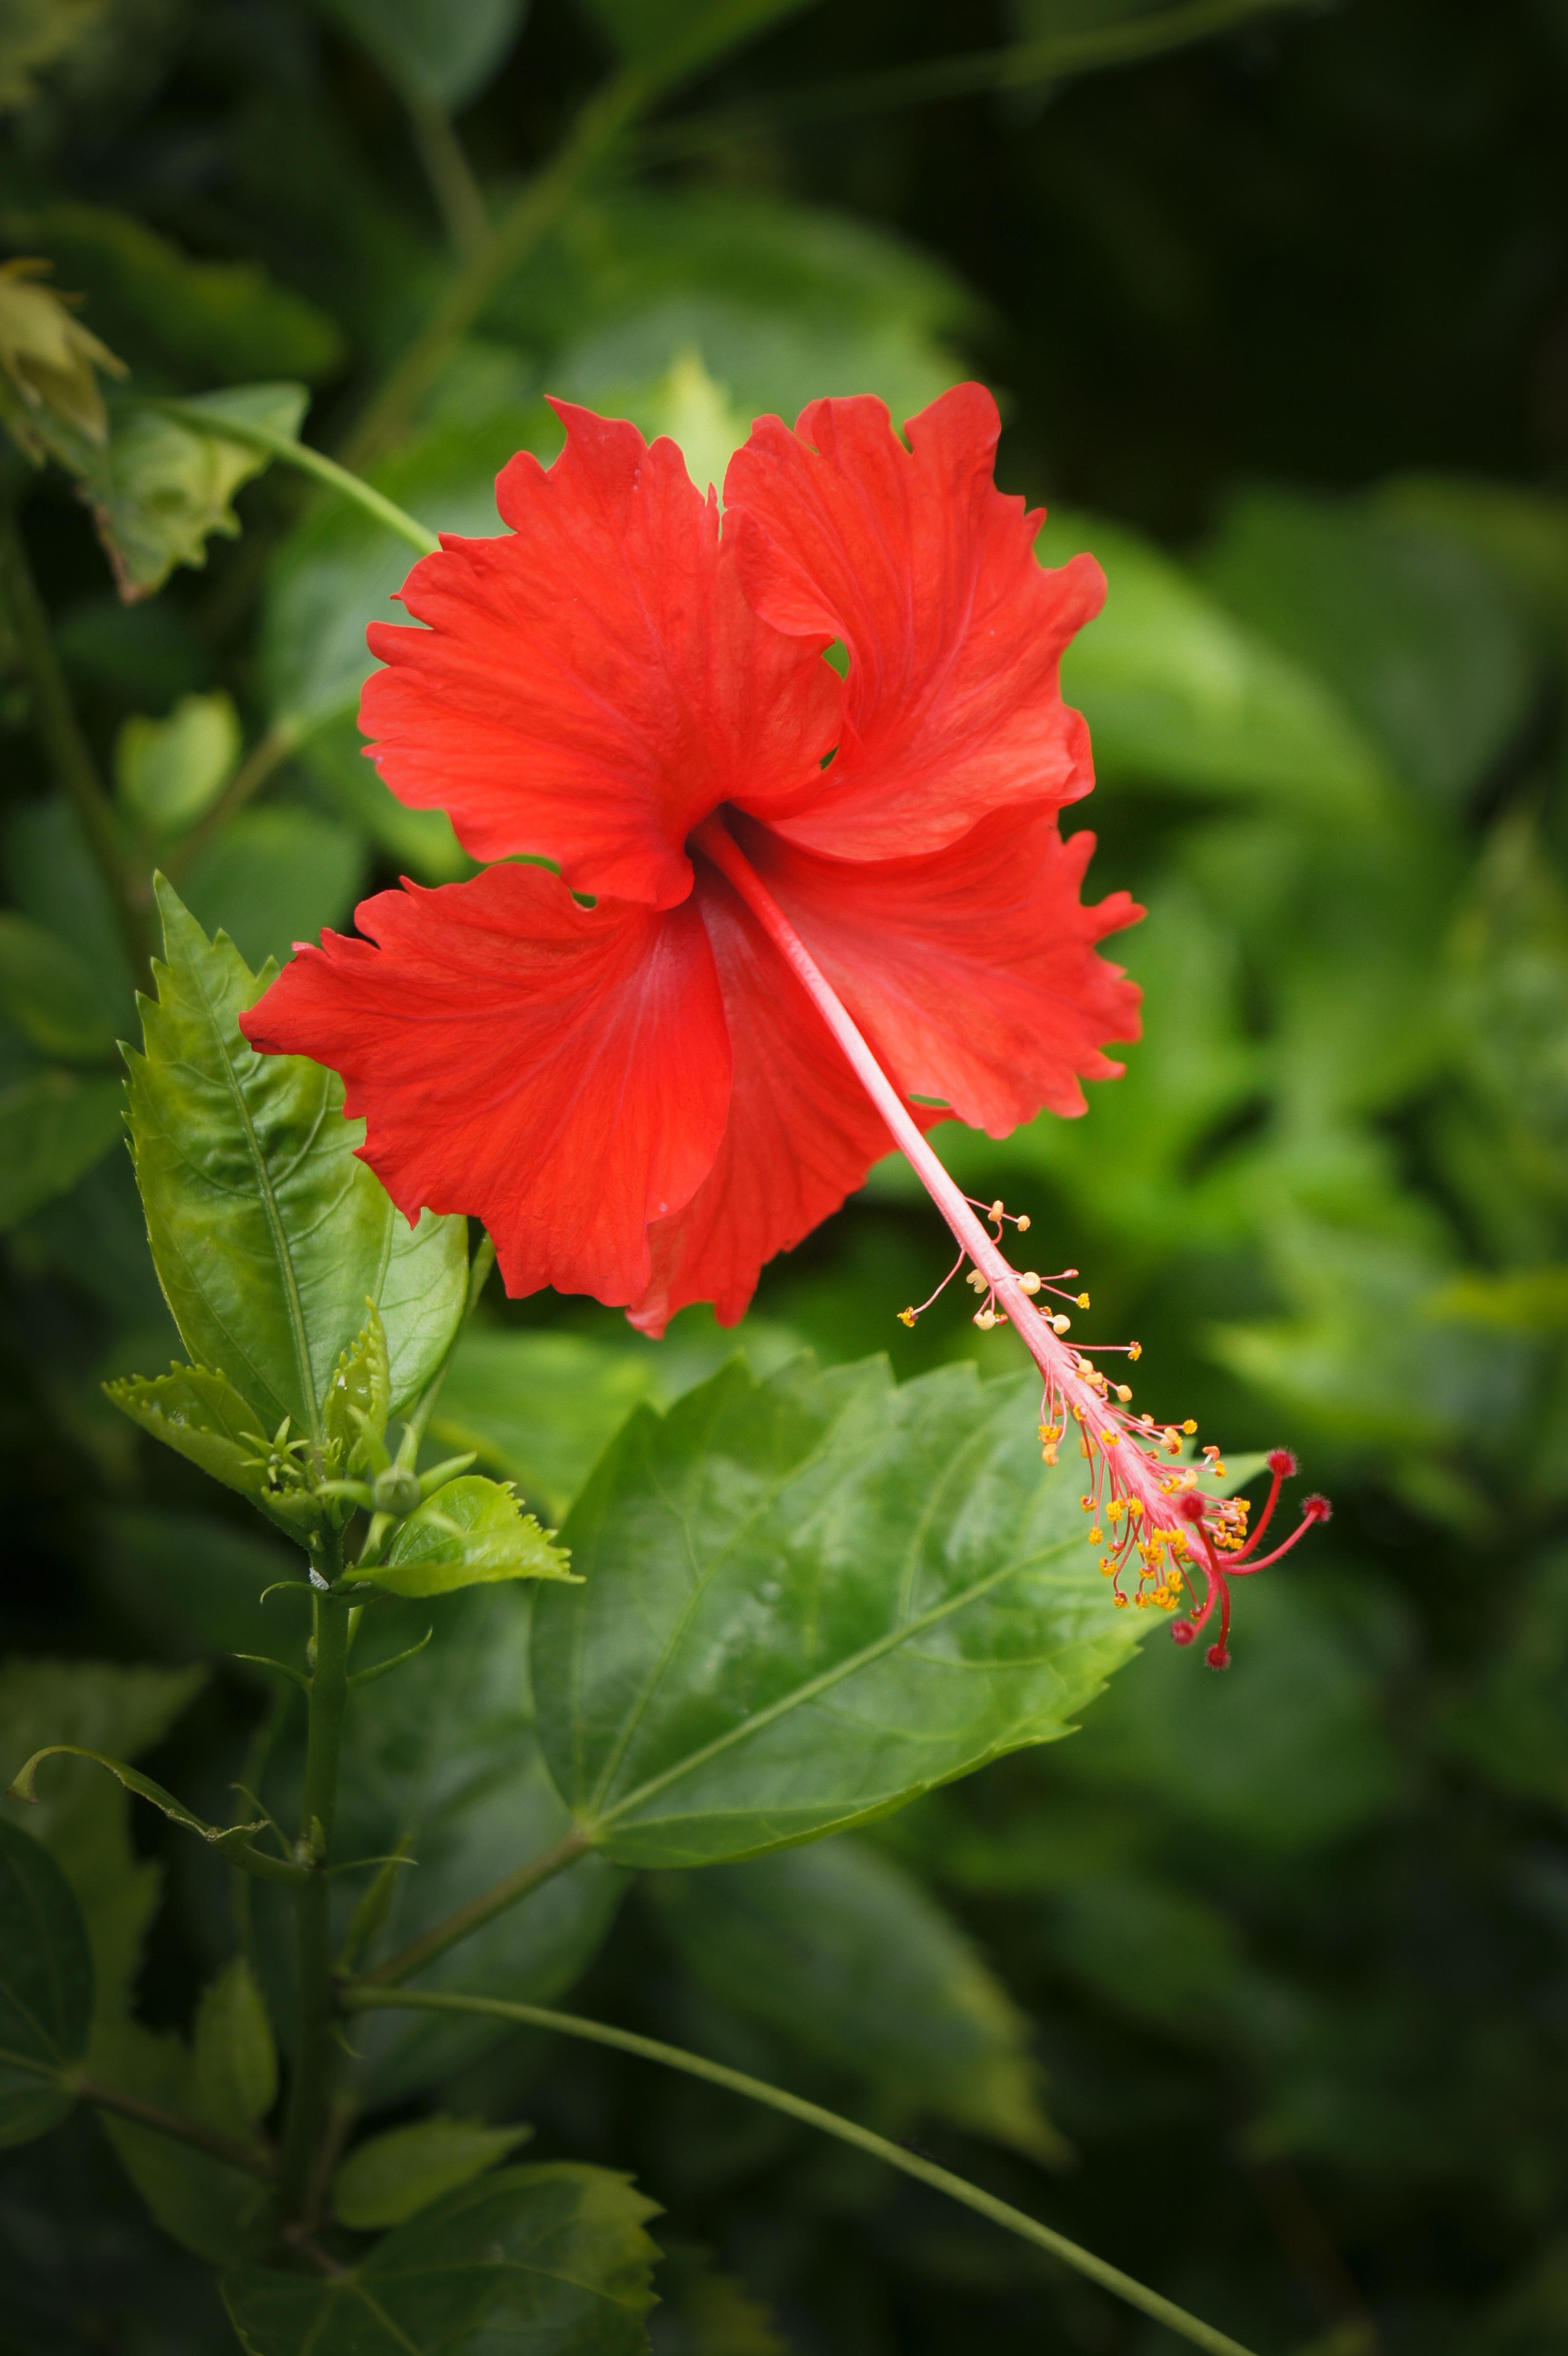 Free Images : nature, blossom, leaf, flower, petal, bloom, green ...